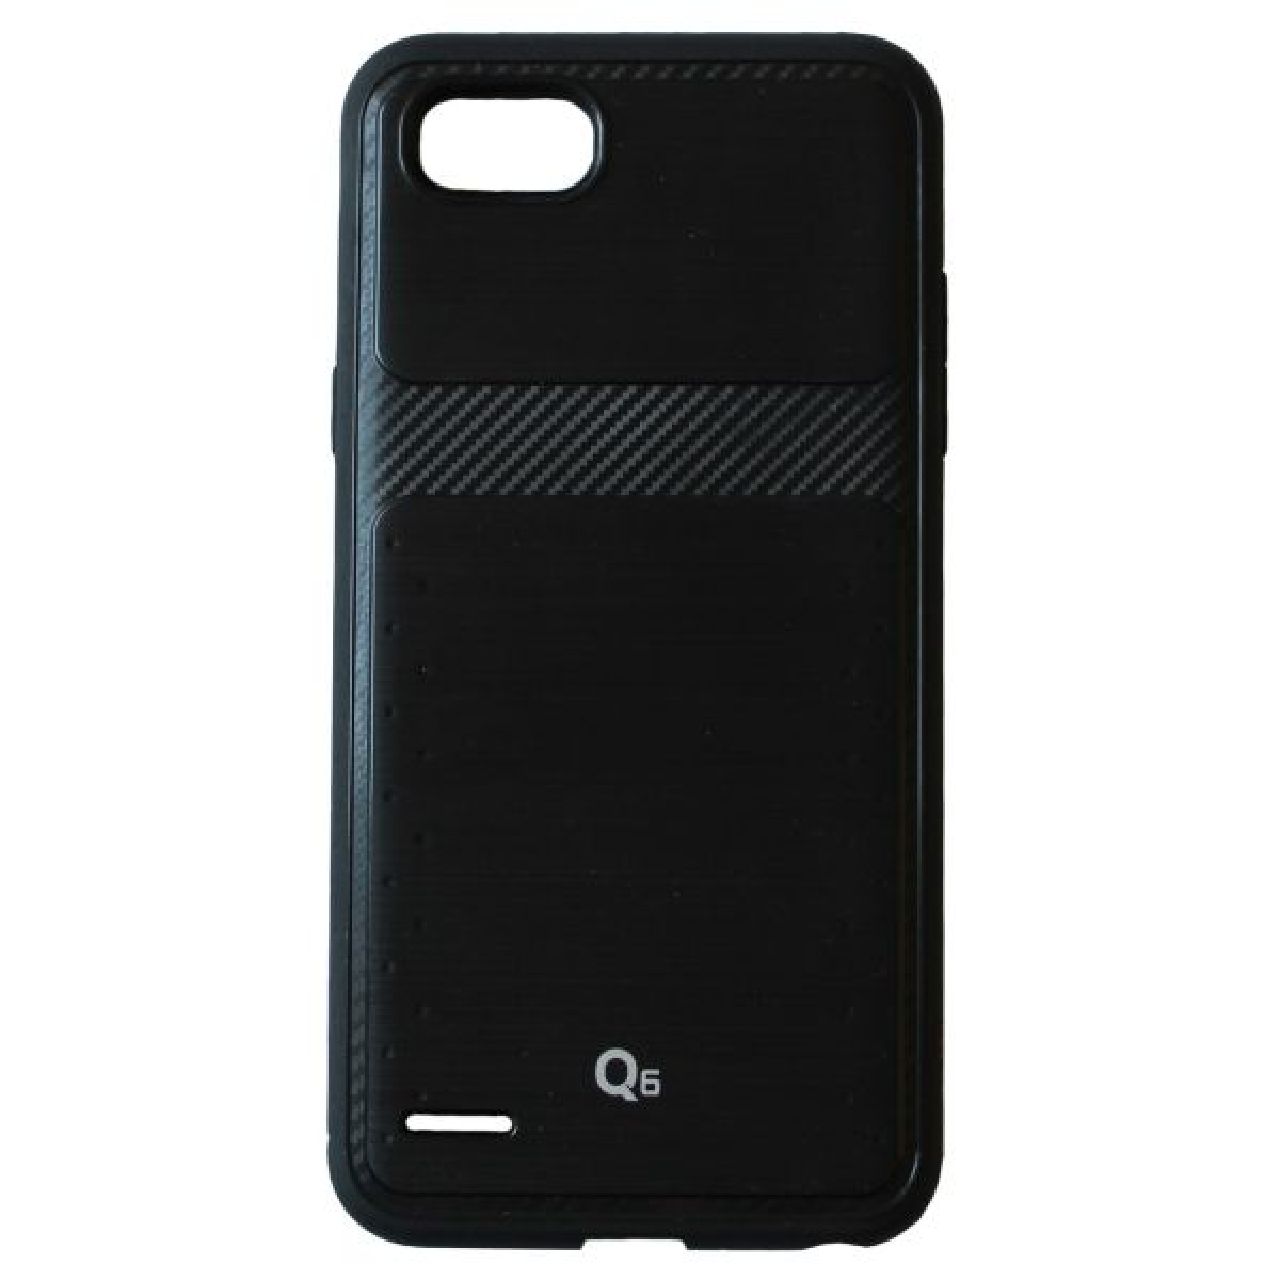 کاور وویا مدل CleanUP مناسب برای گوشی موبایل ال جی Q6